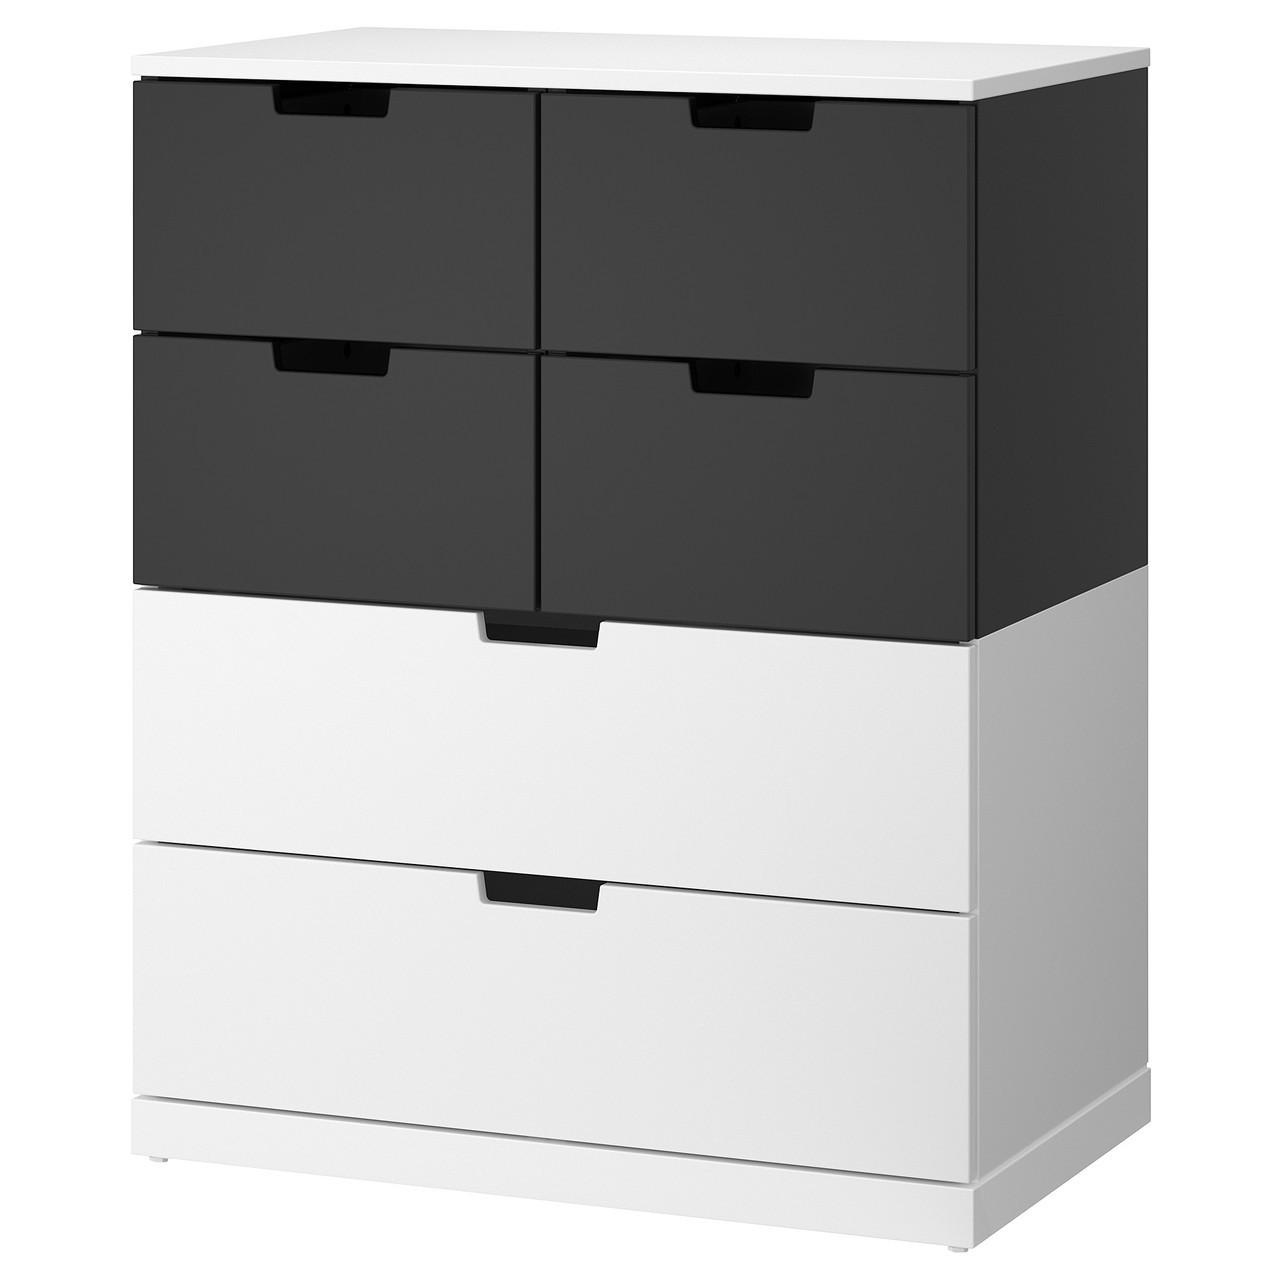 IKEA NORDLI (592.117.60) Комод, 6 ящиков, белый, антрацит